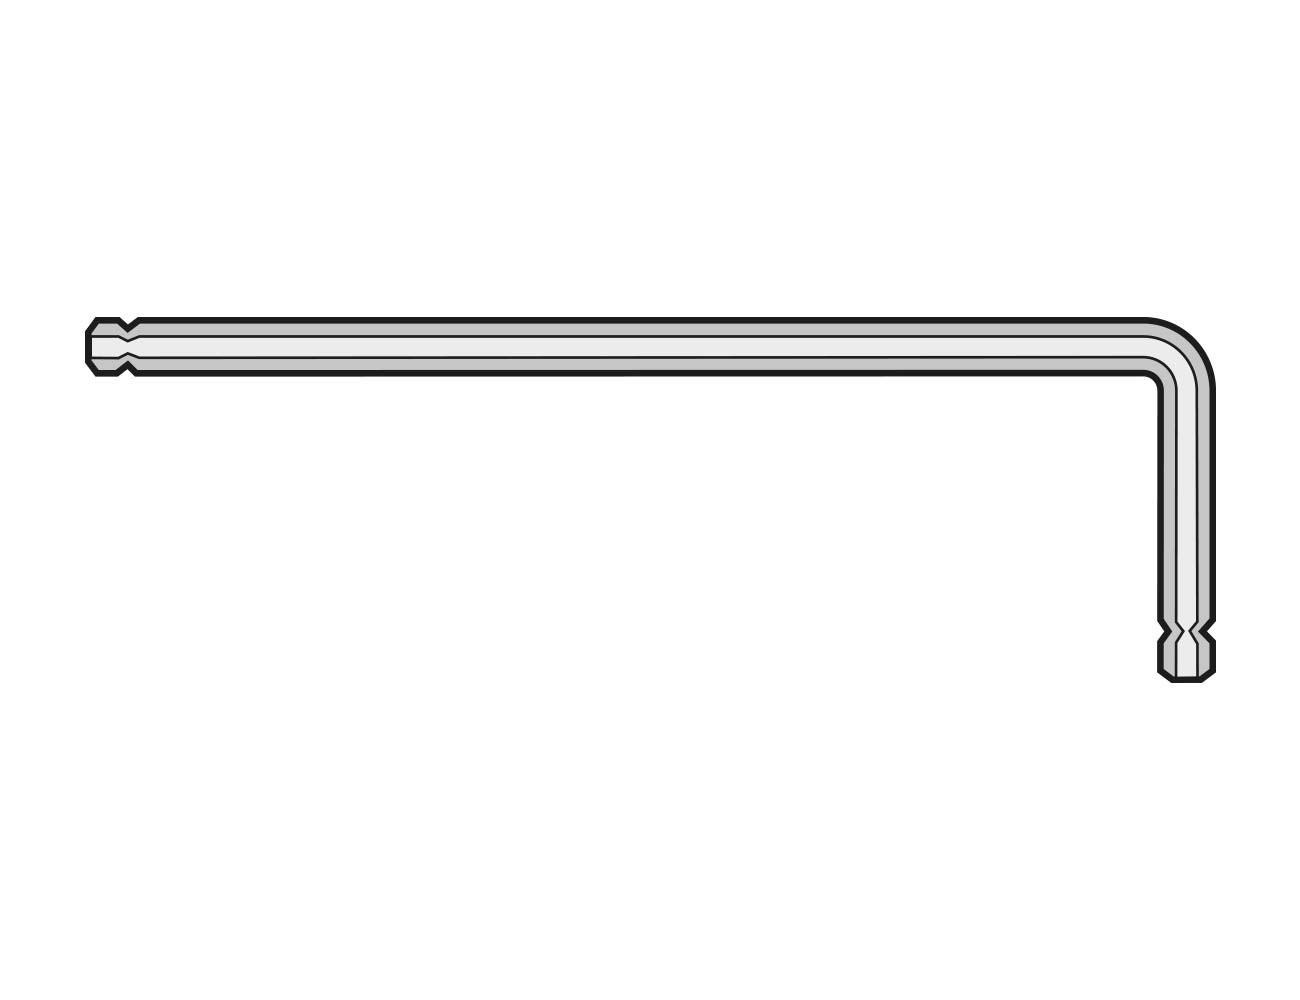 Kugelkopf -Sechskantschraubendreher 2 mm